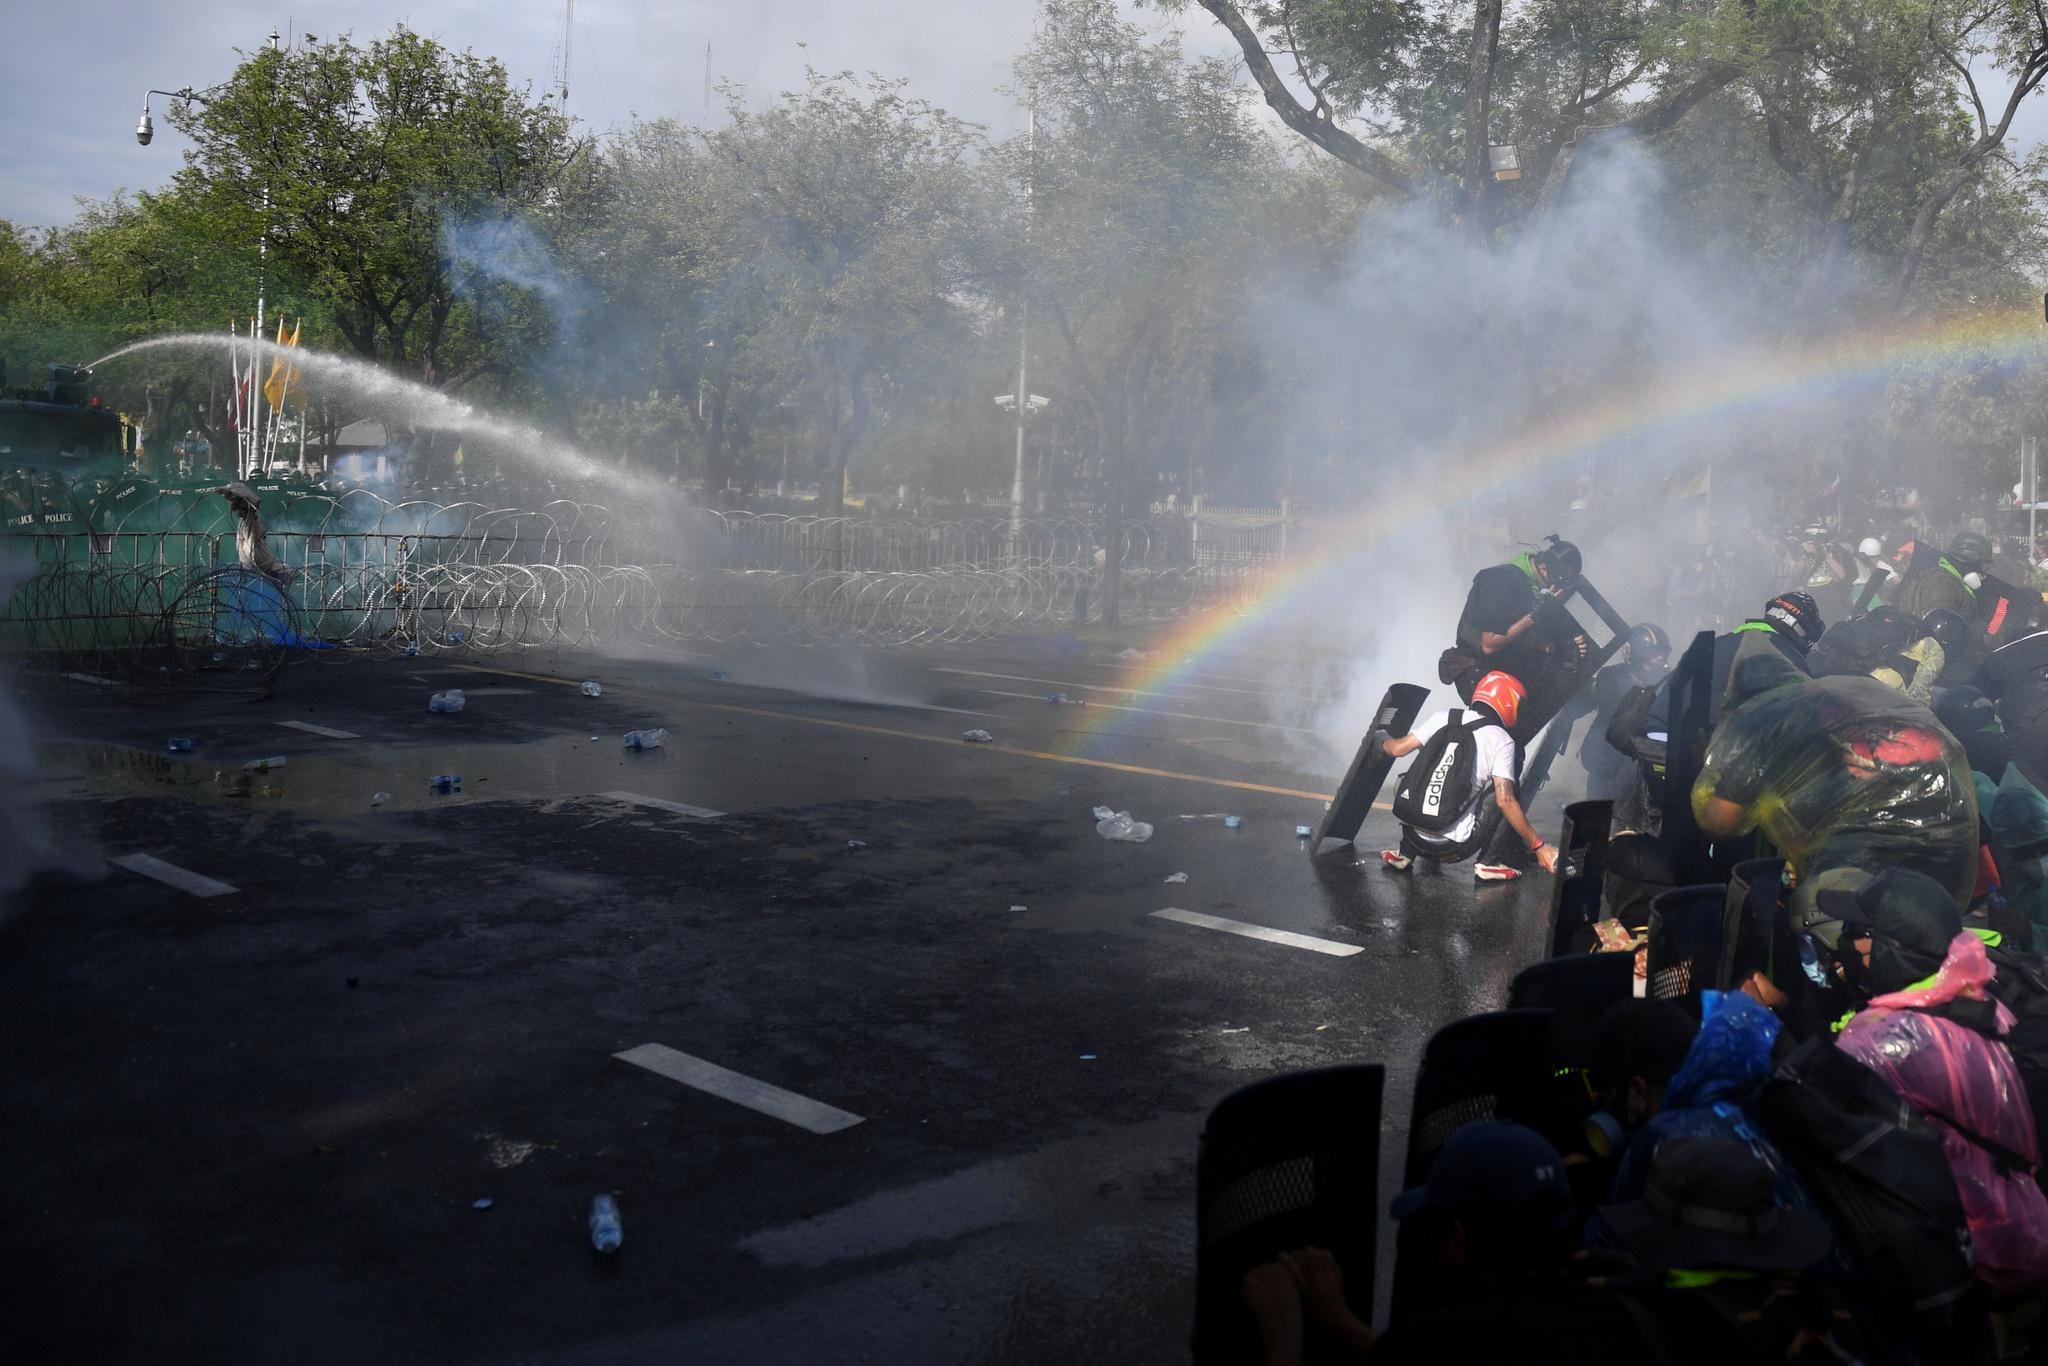 Biểu tình lớn tại Bangkok giữa đại dịch Covid-19 - ảnh 1